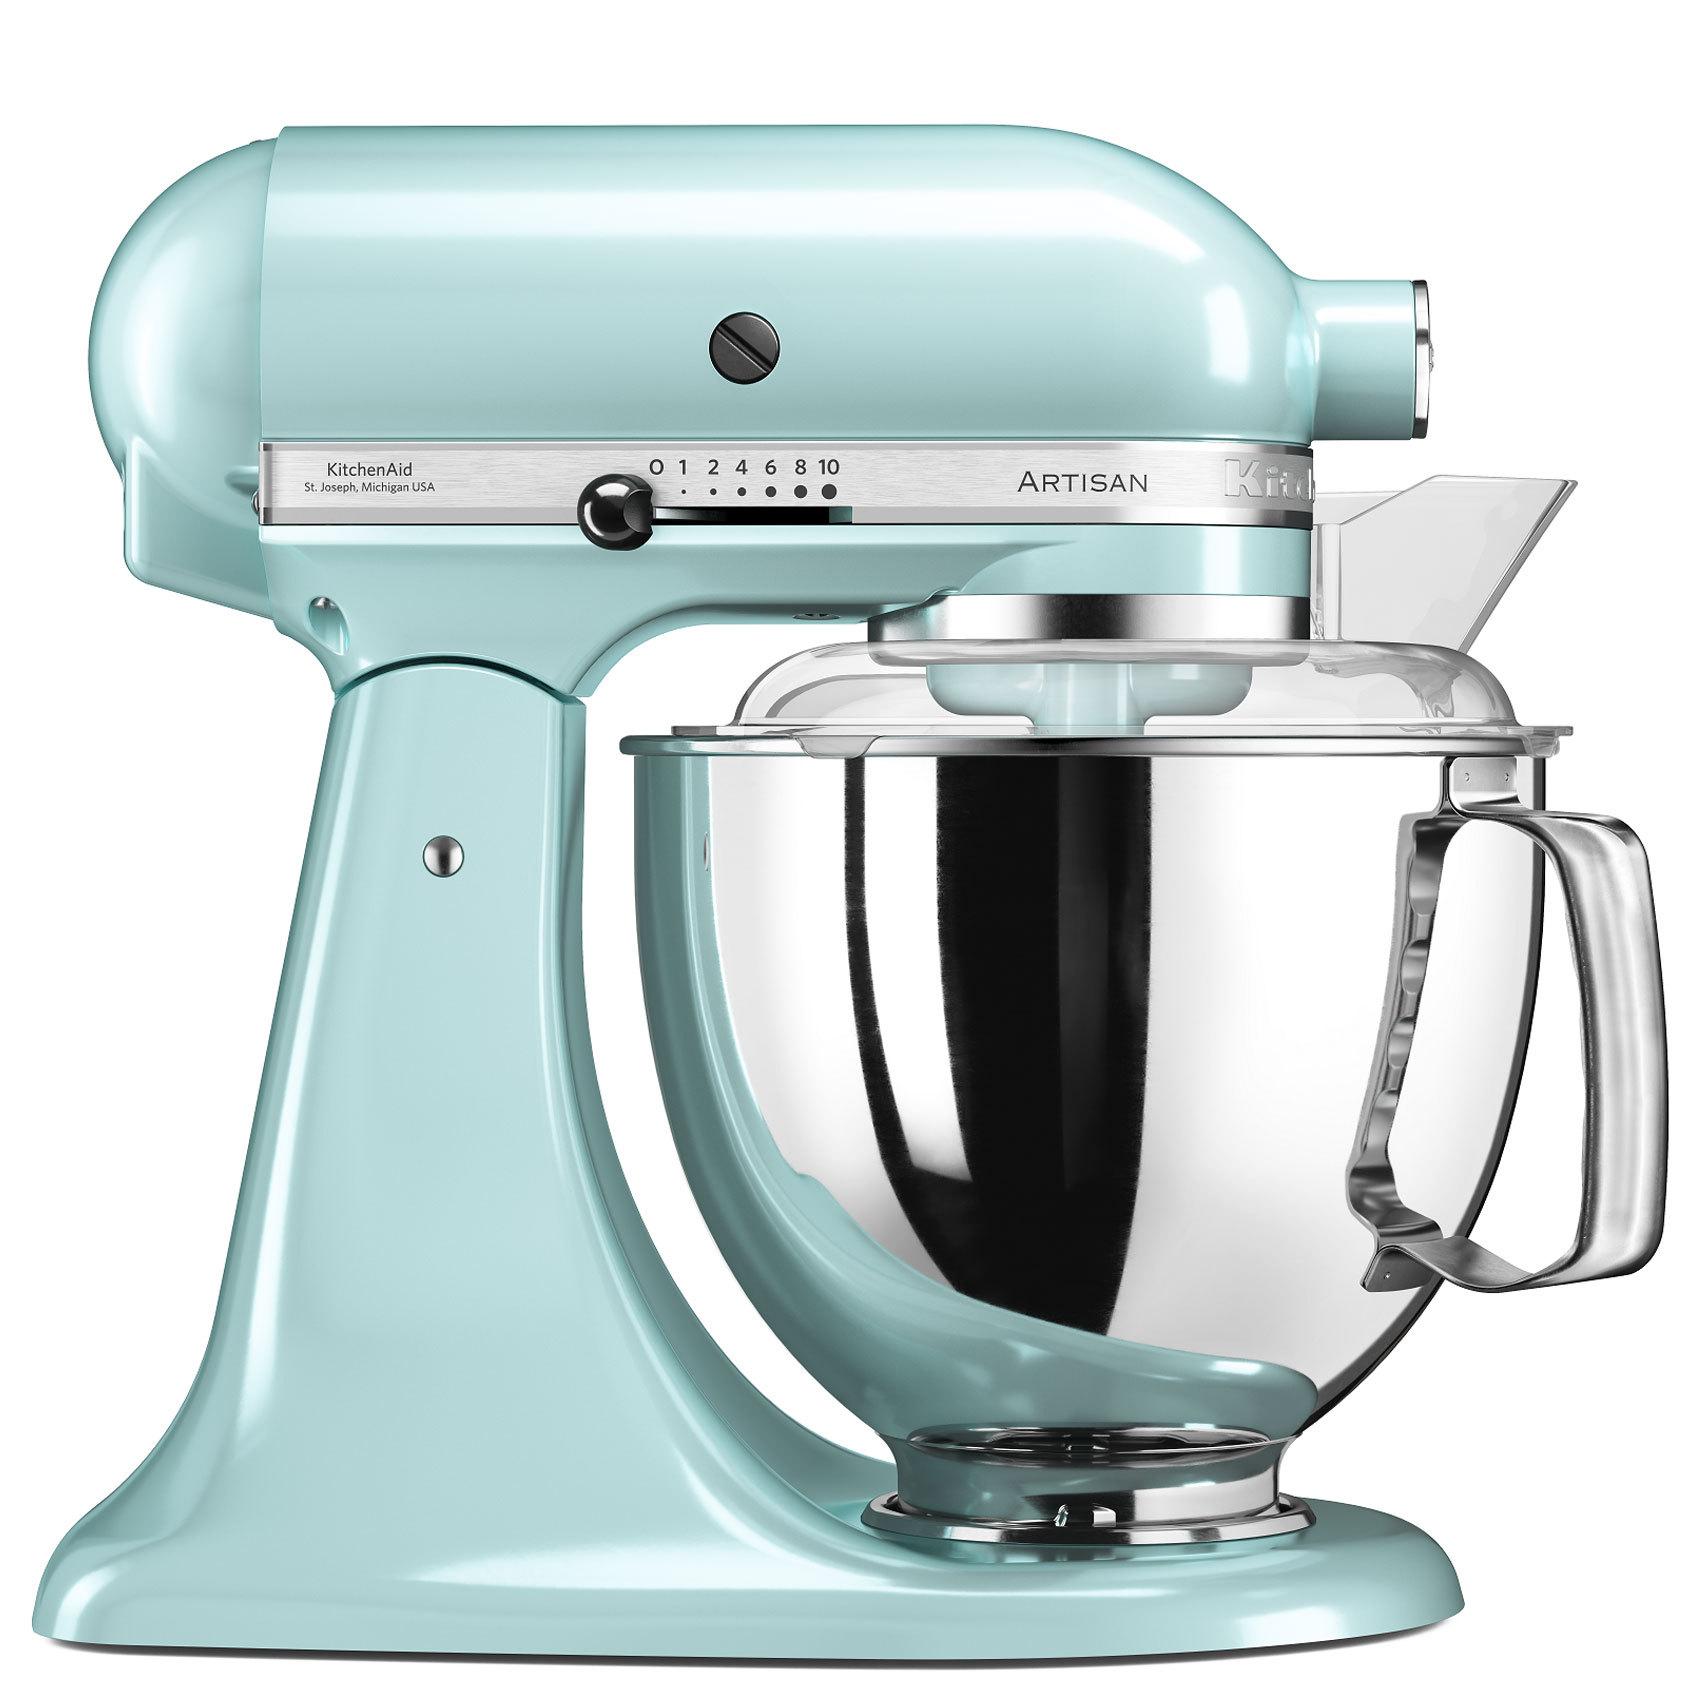 Buy Kitchenaid Kitchen Machine 5Ksm175Psbic Online in UAE ...